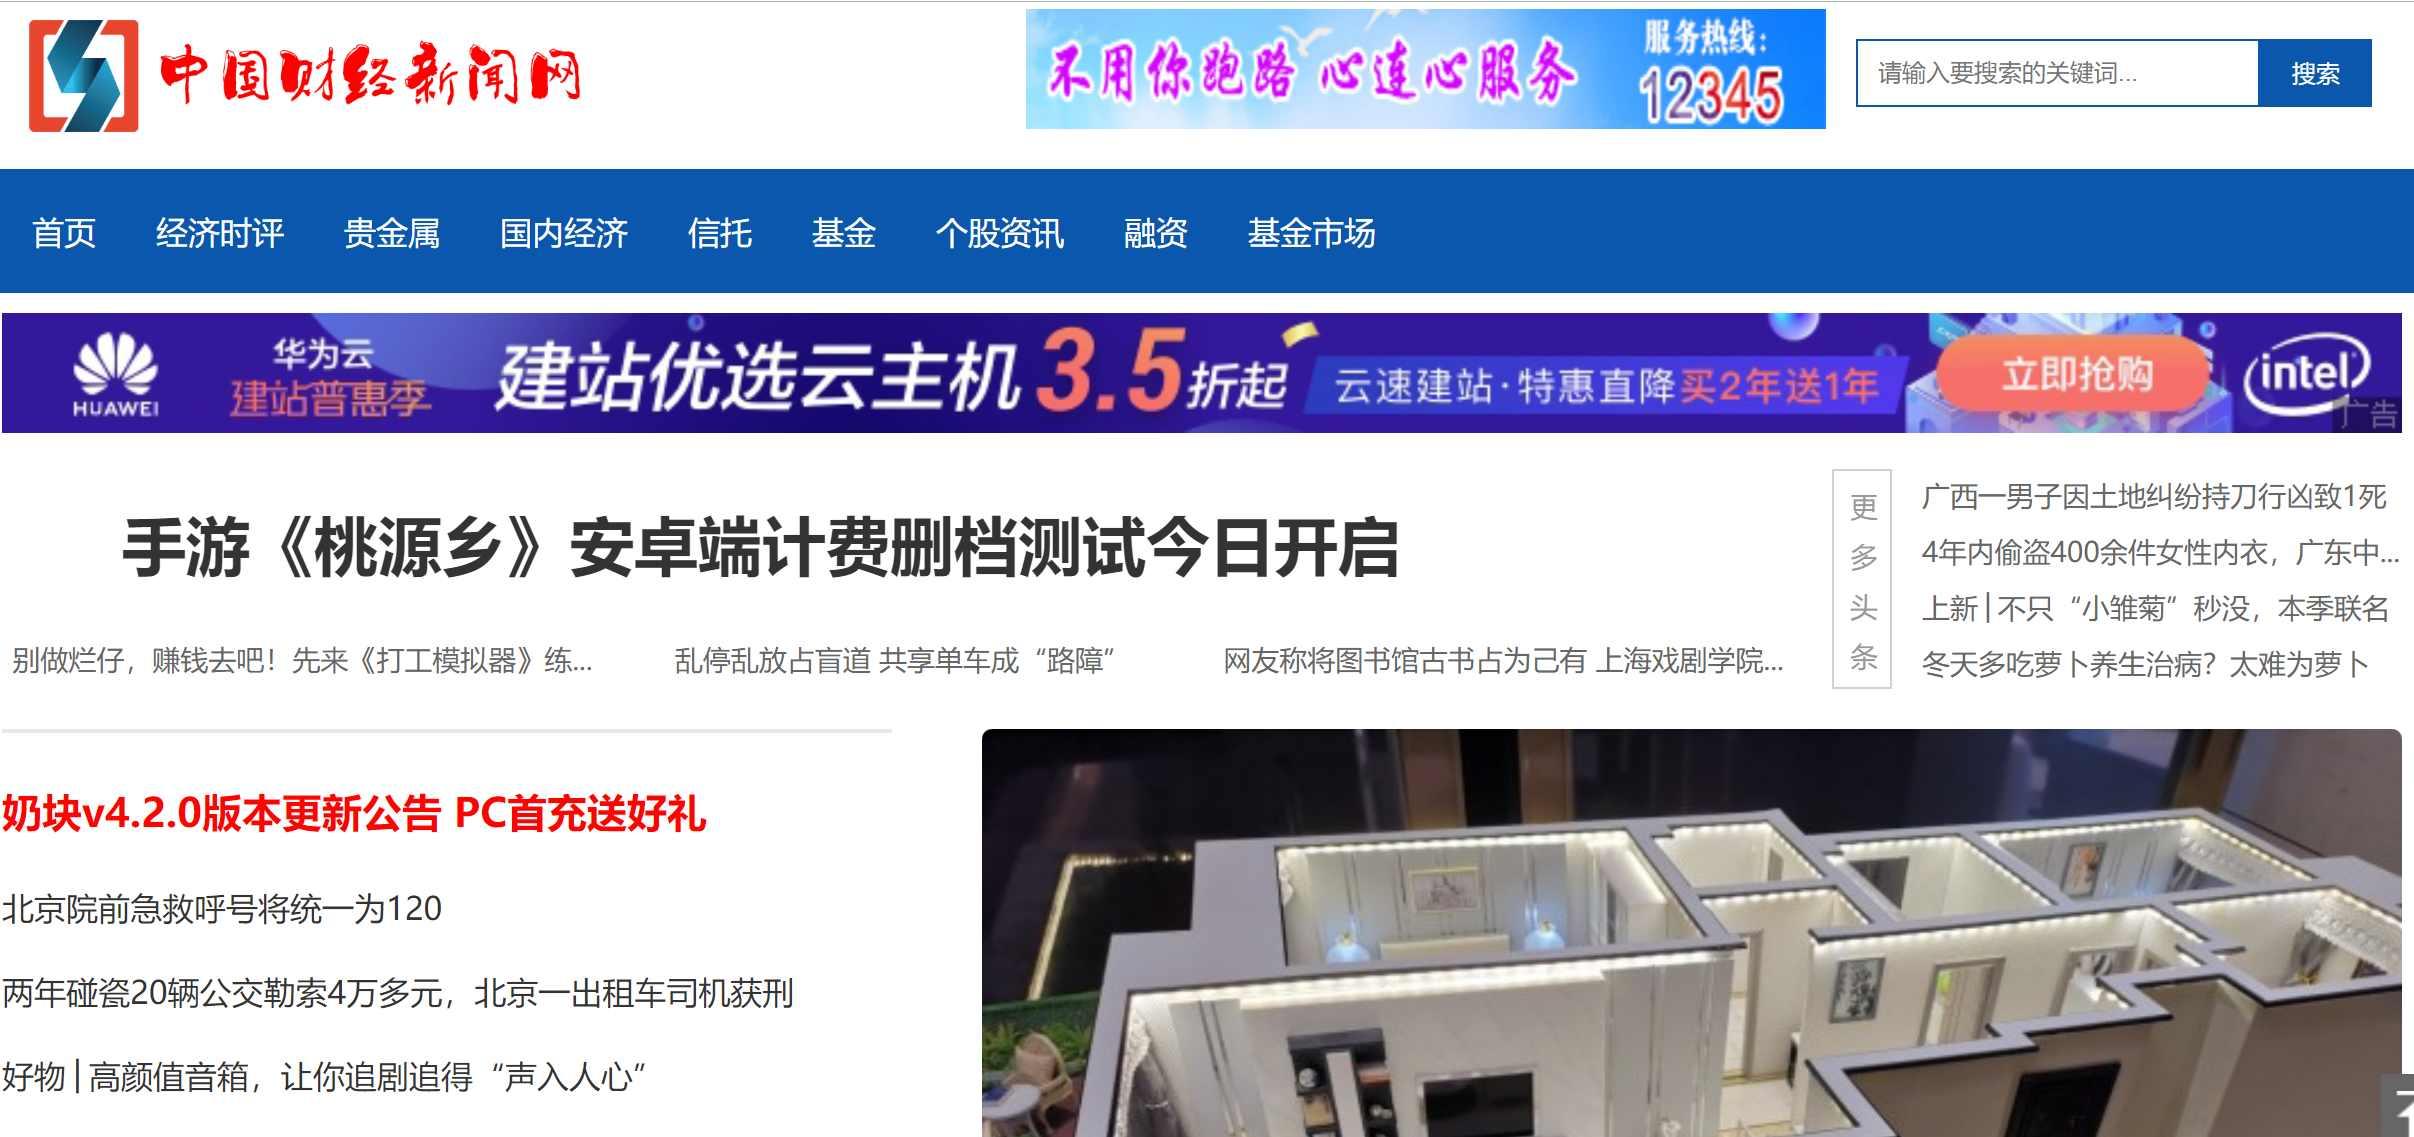 中国财经新闻网